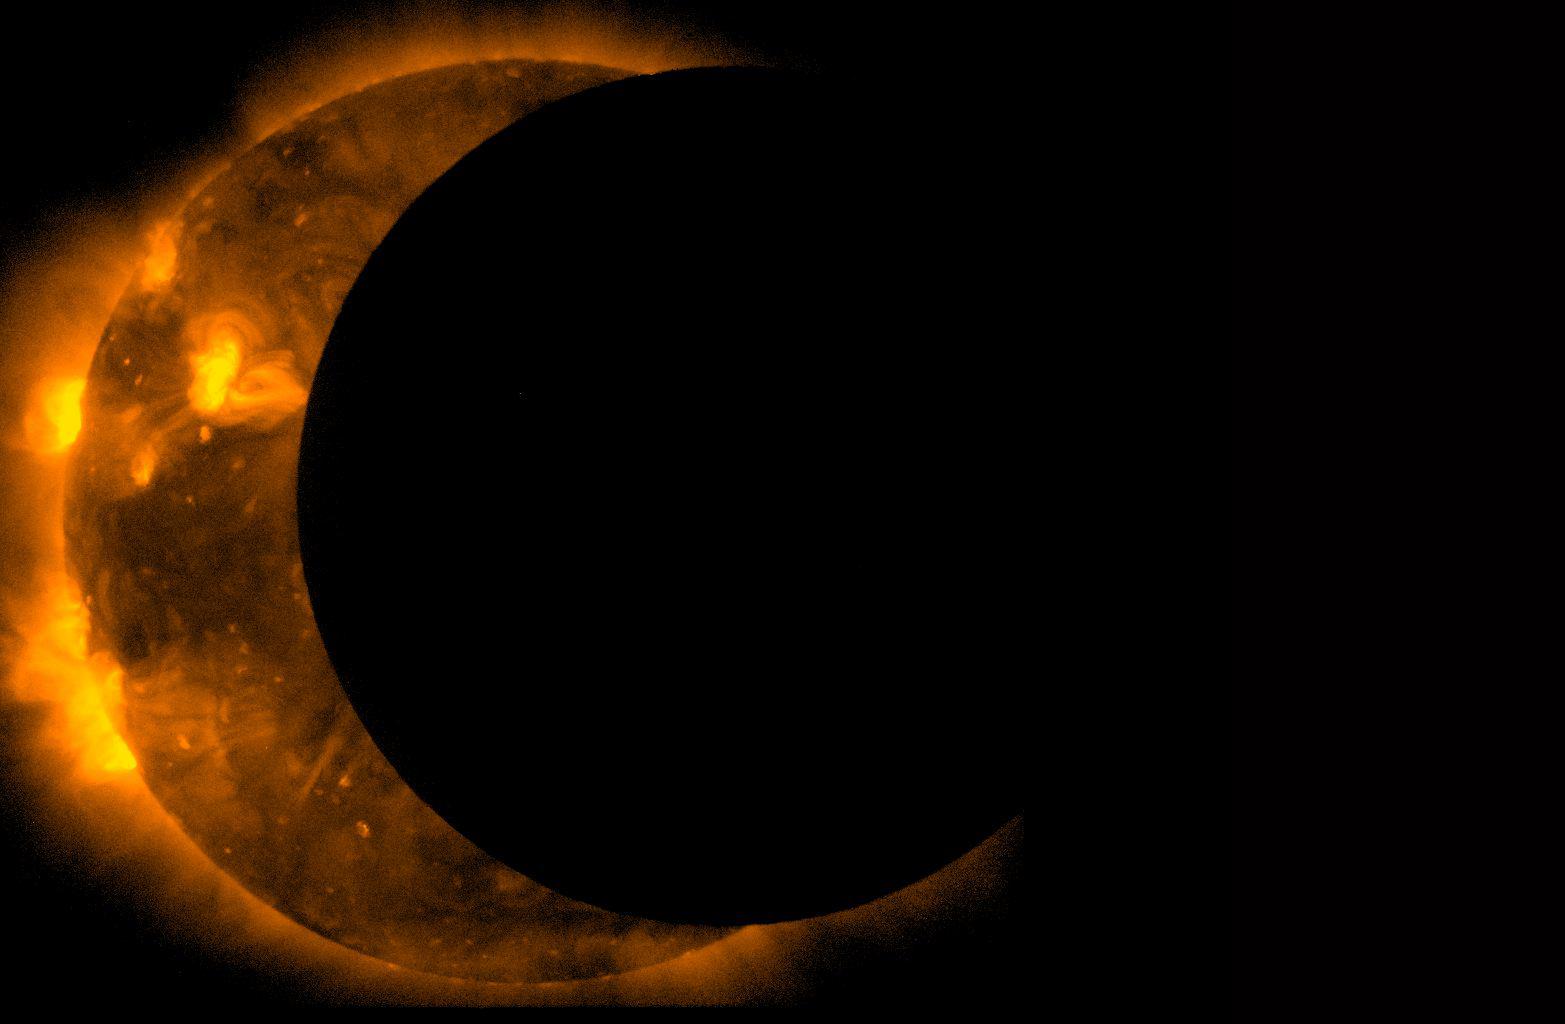 NASA image of partial solar eclipse. Photo/Nasa.gov